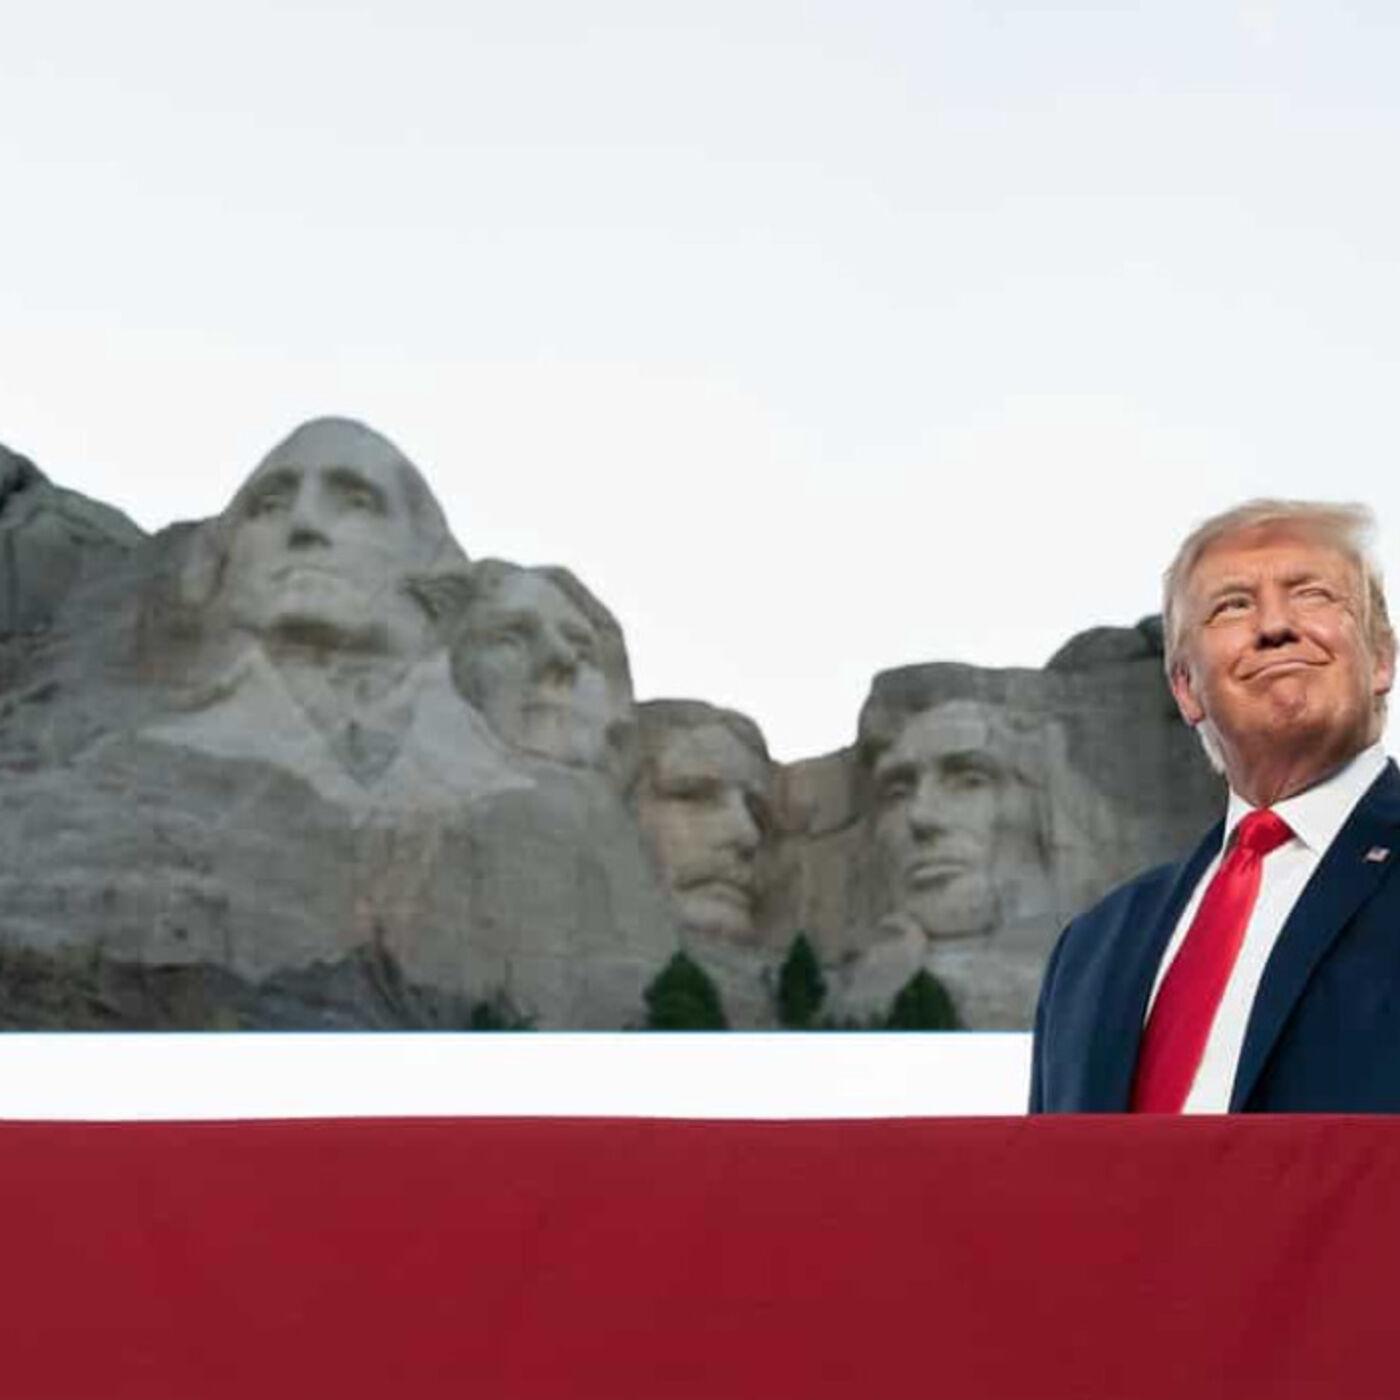 Hạ Văn: Tổng thống Trump sẽ chiến thắng vì điểm vượt trội này